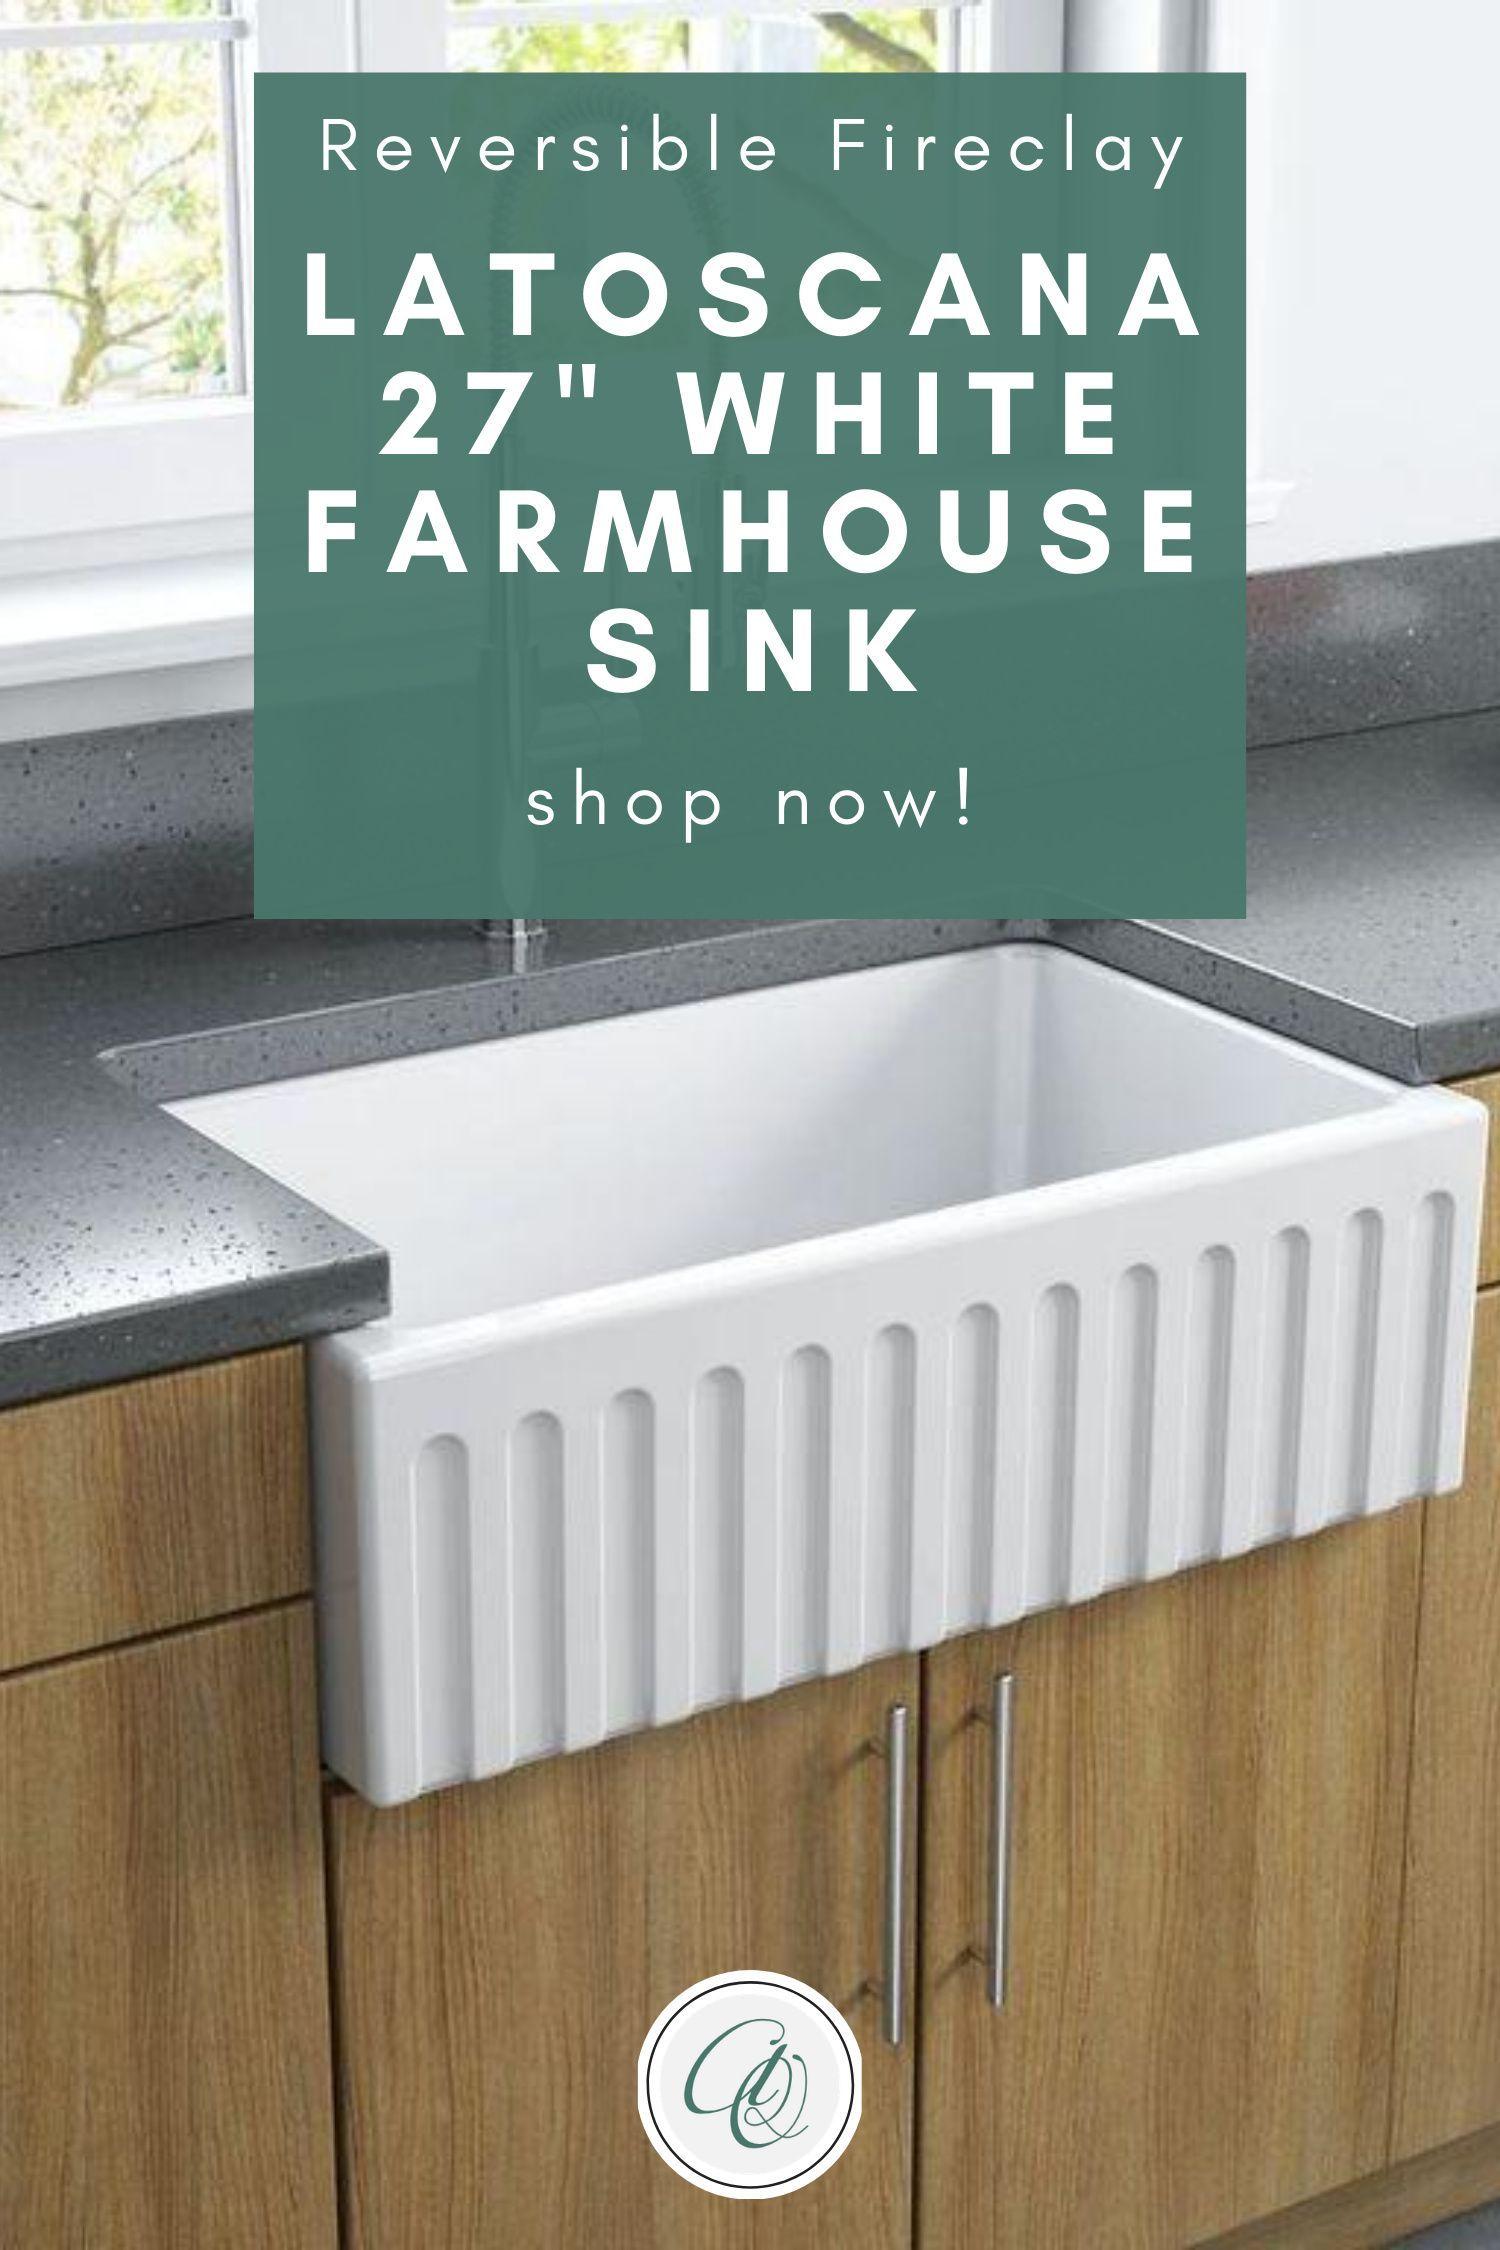 Latoscana Ltw2718w 27 White Fireclay Farmhouse Sink With Reversible Design In 2021 Fireclay Farmhouse Sink Farmhouse Sink Farmhouse Sink Installation